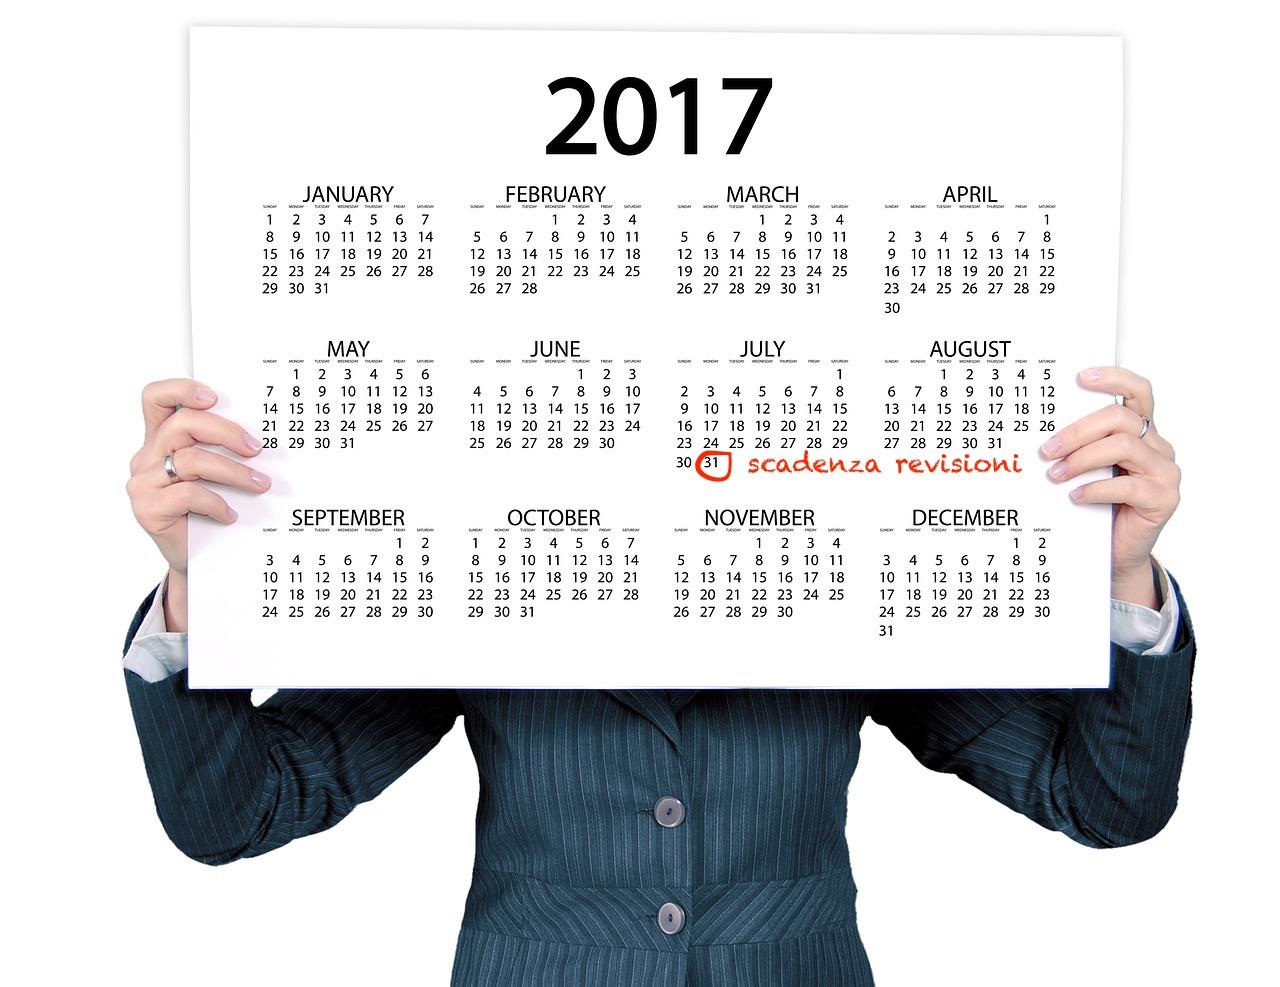 scadenza revisione auto luglio 2017